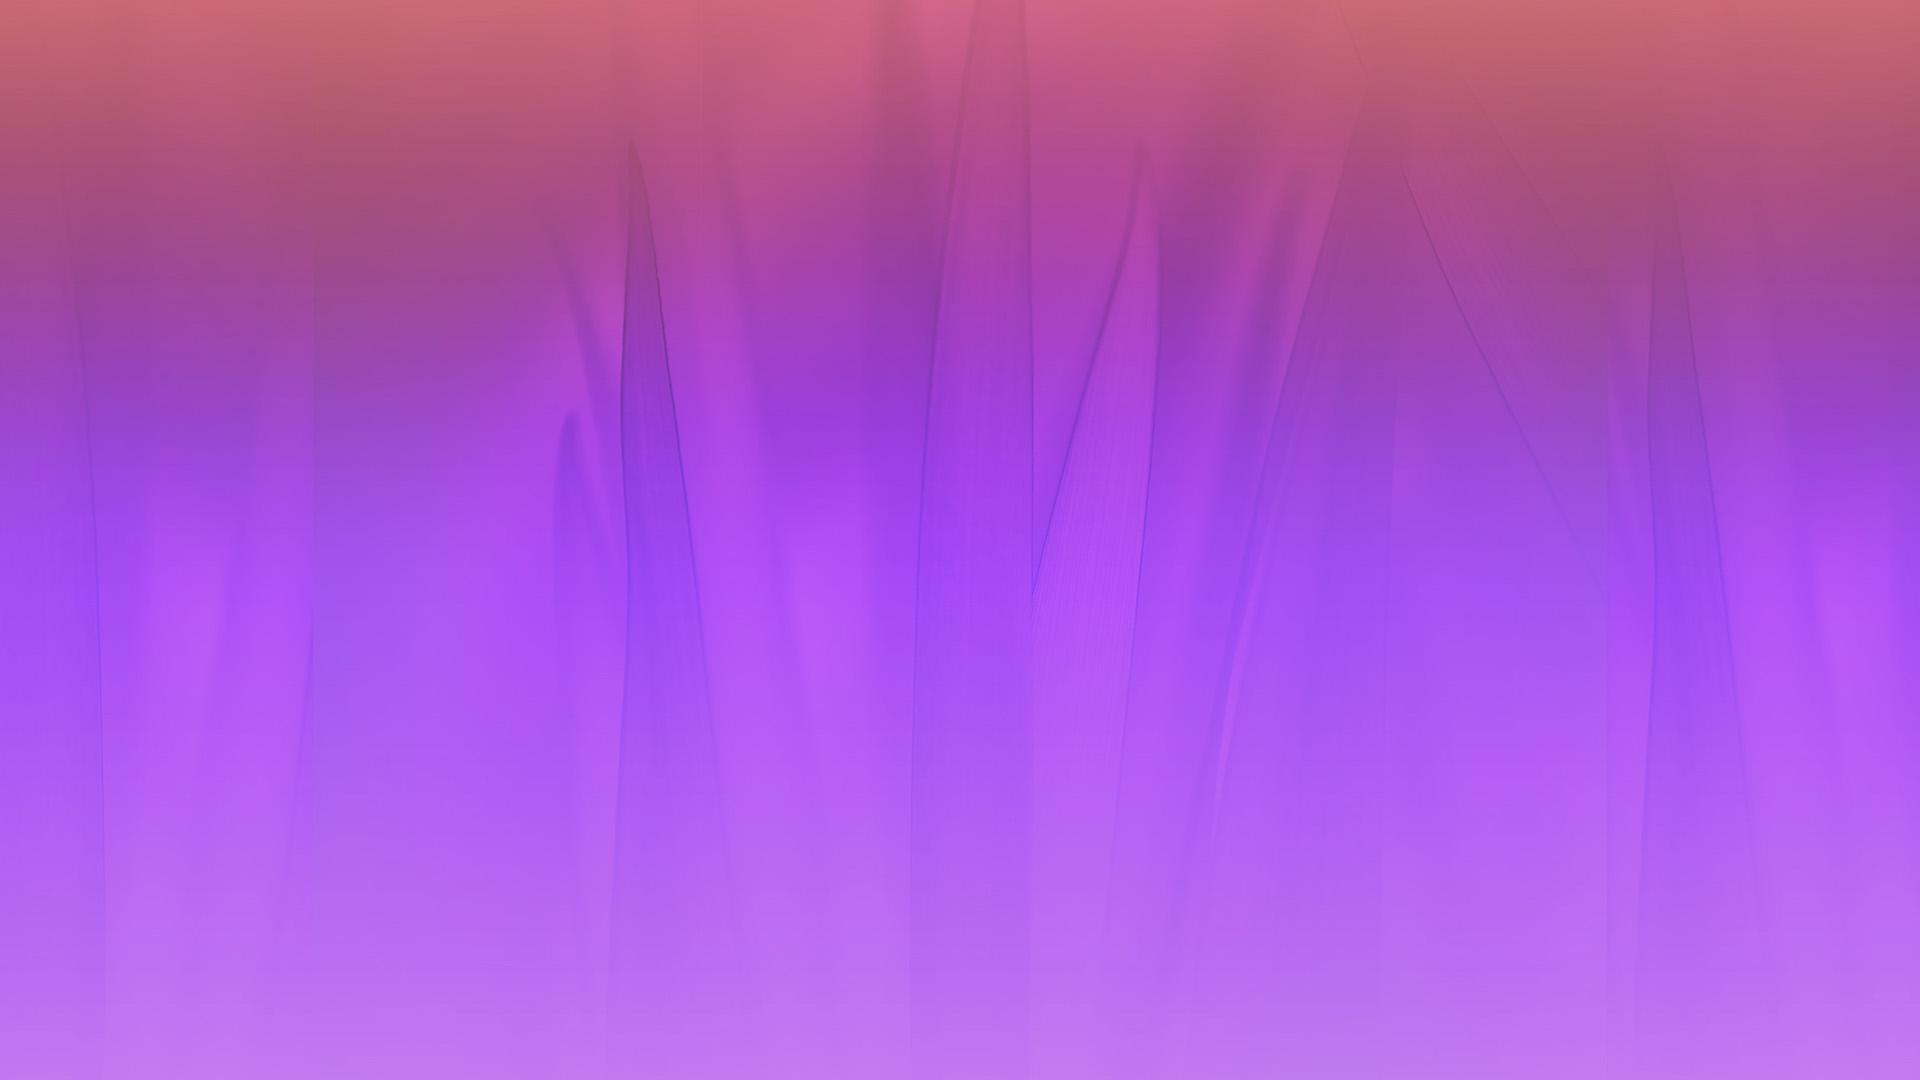 wallpaper for desktop, laptop | vj76-soft-blue-nature ...